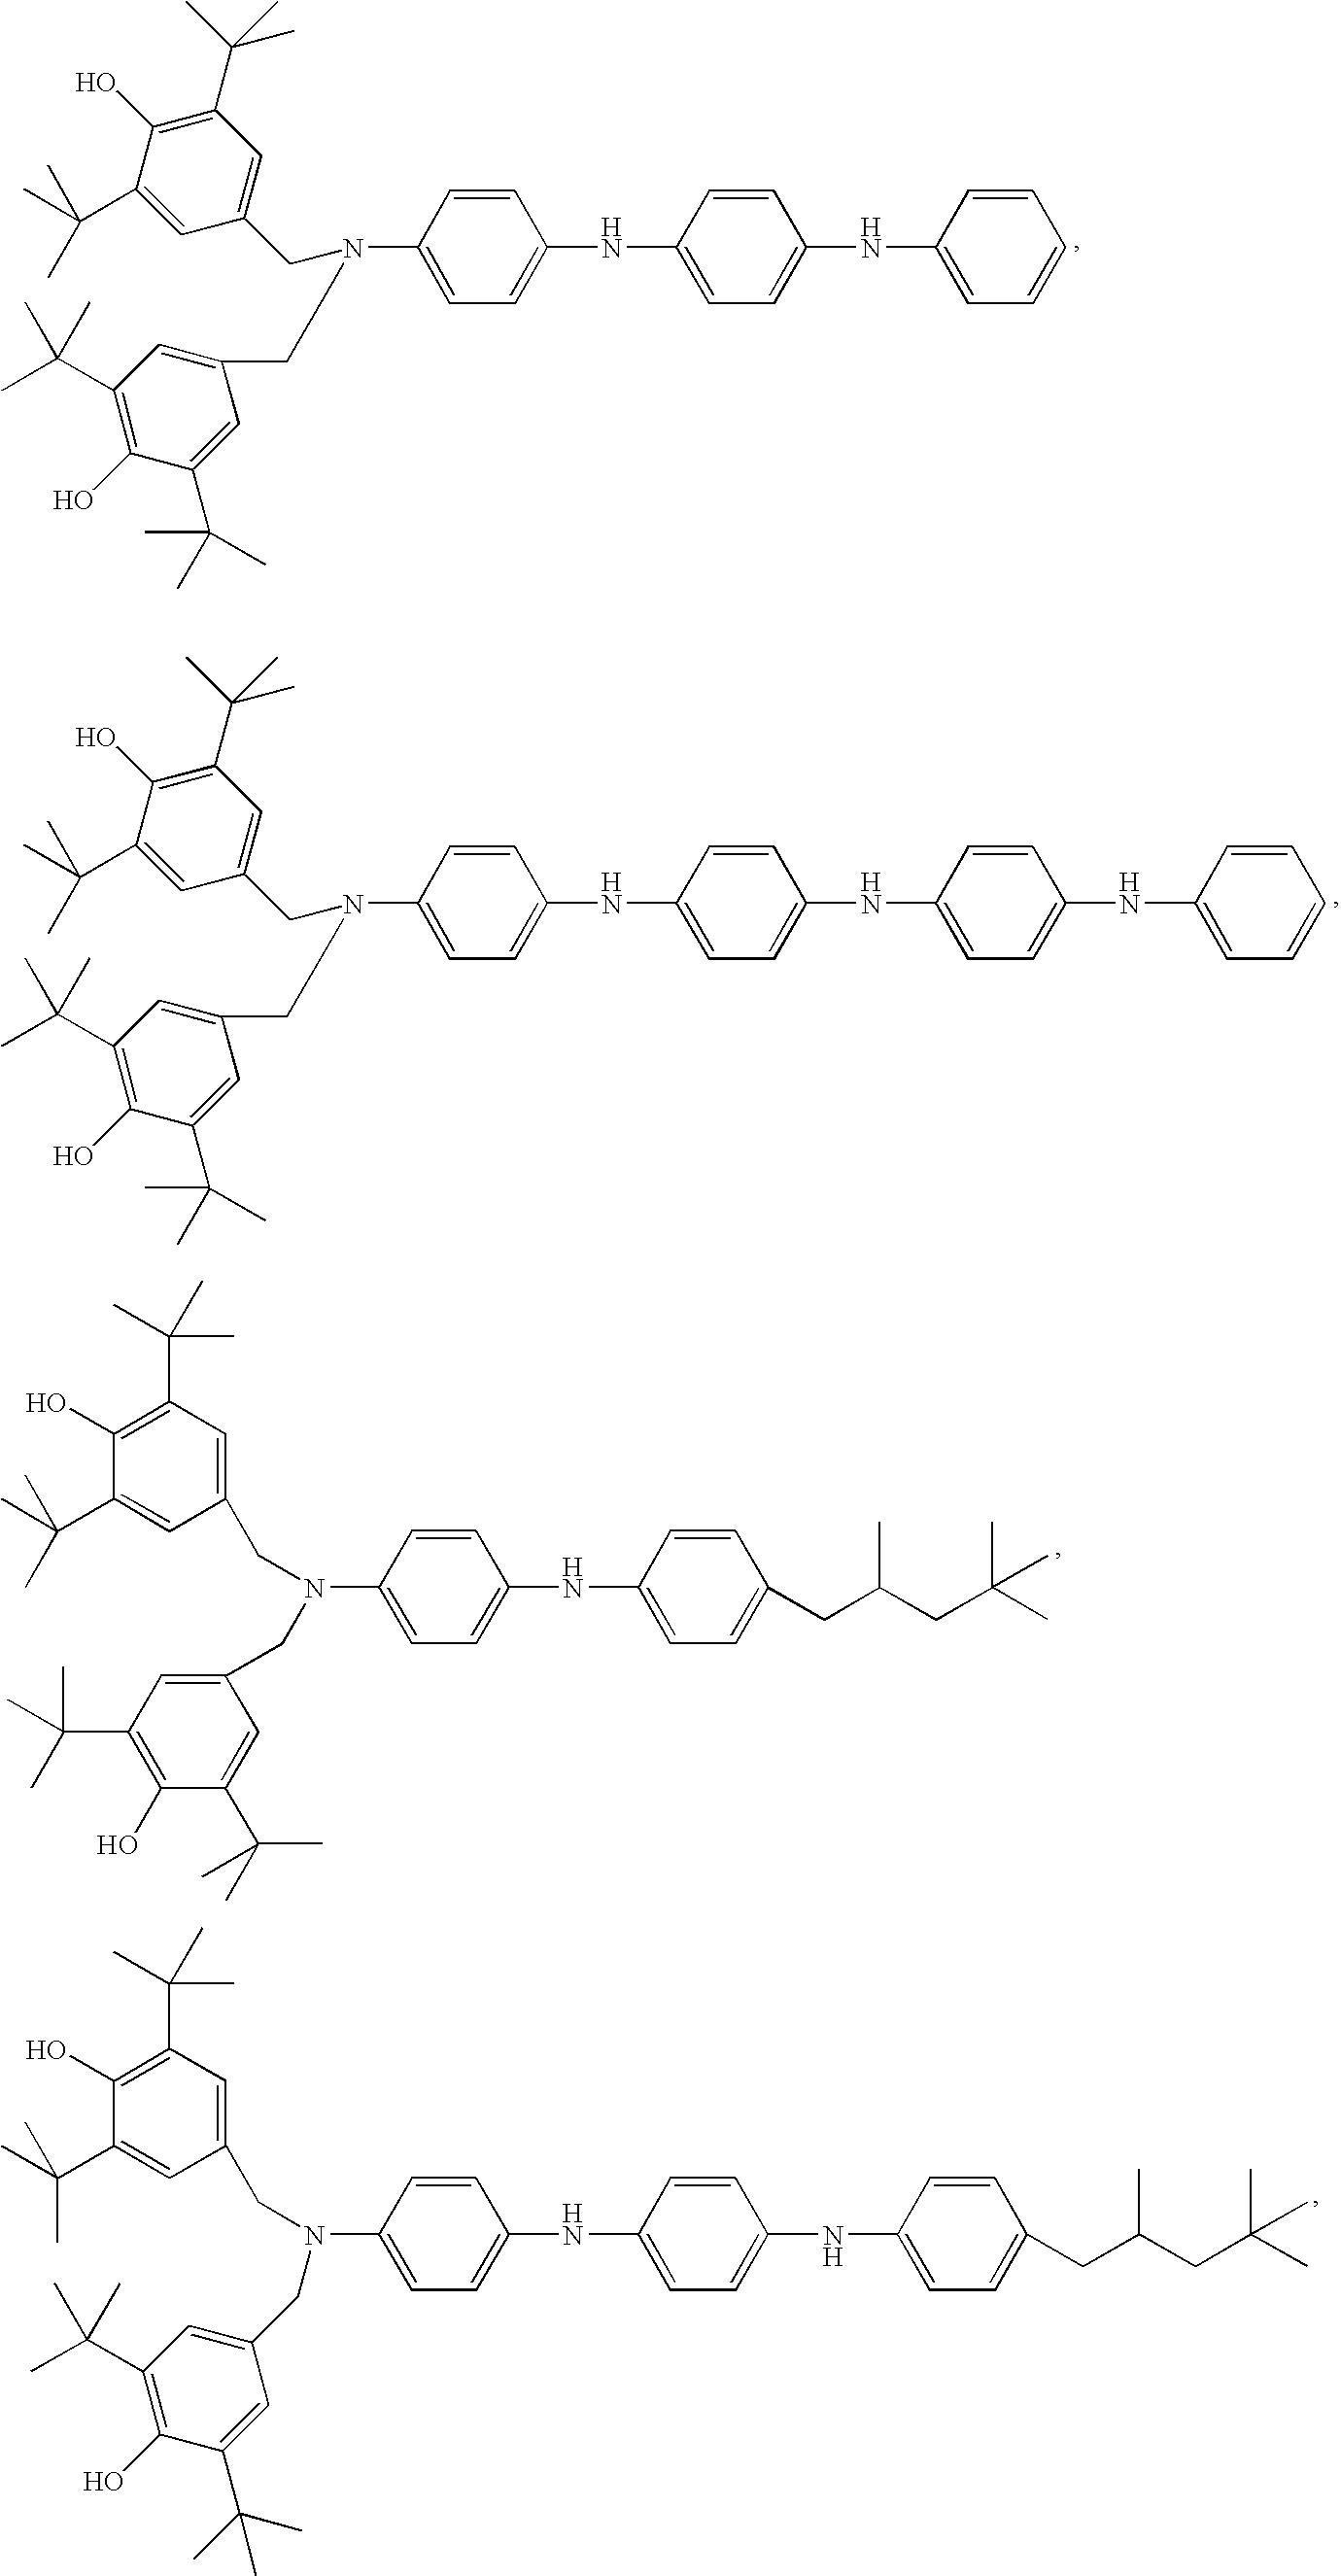 Figure US20080293856A1-20081127-C00062